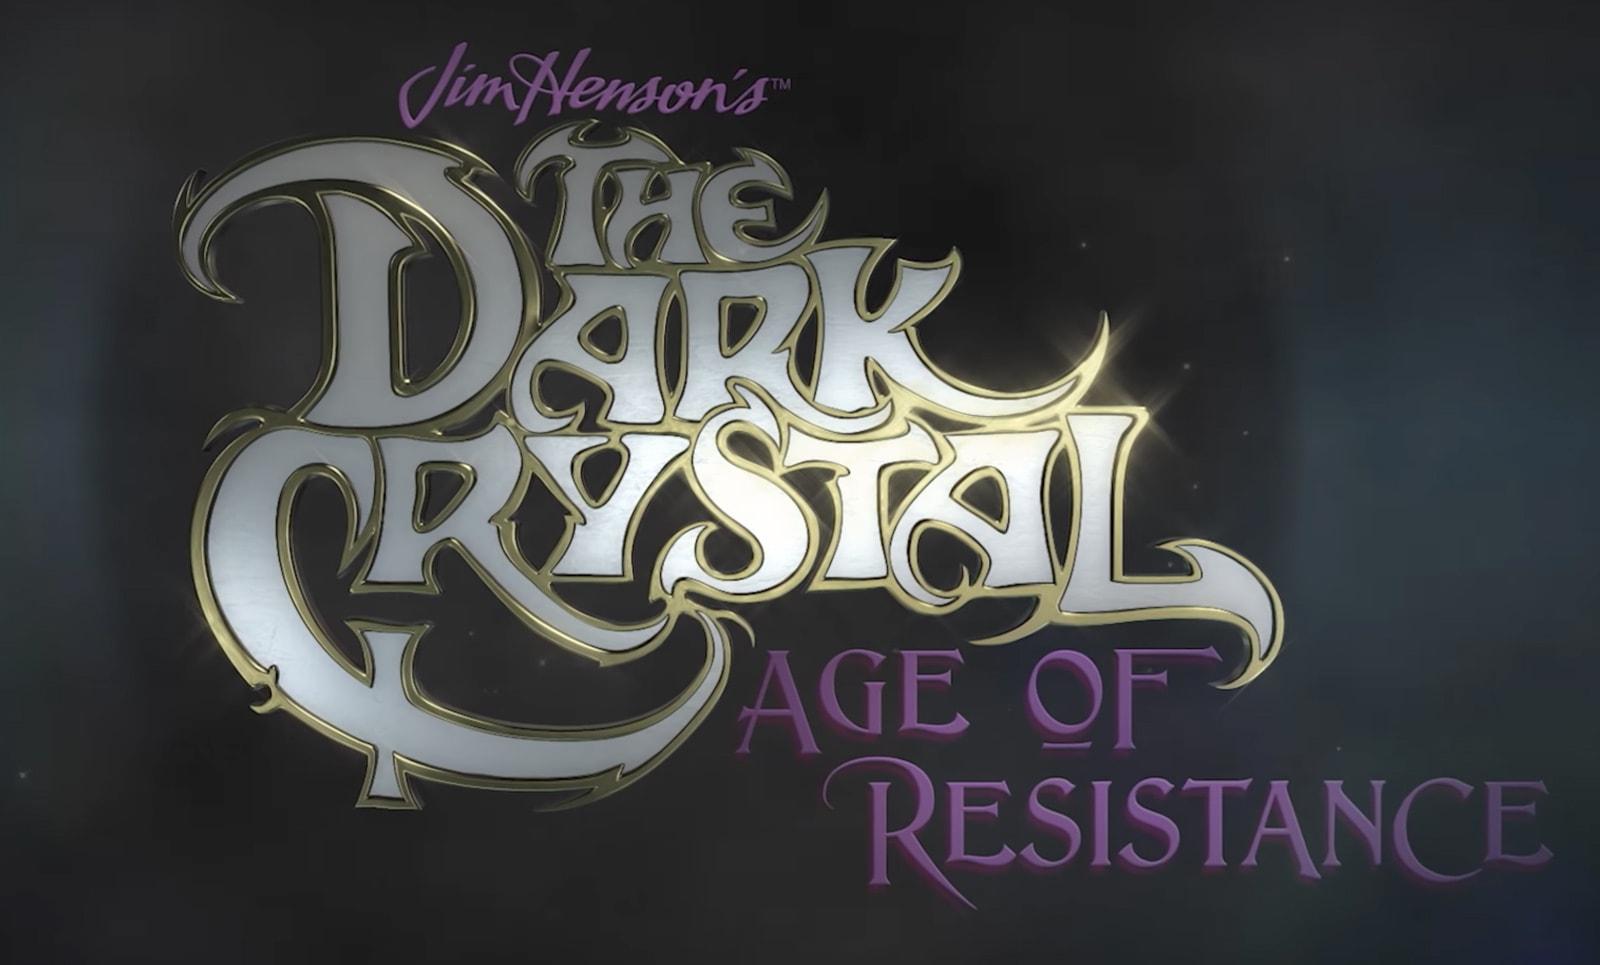 darkcrystal.jpg&client=amp-blogside-v2&s